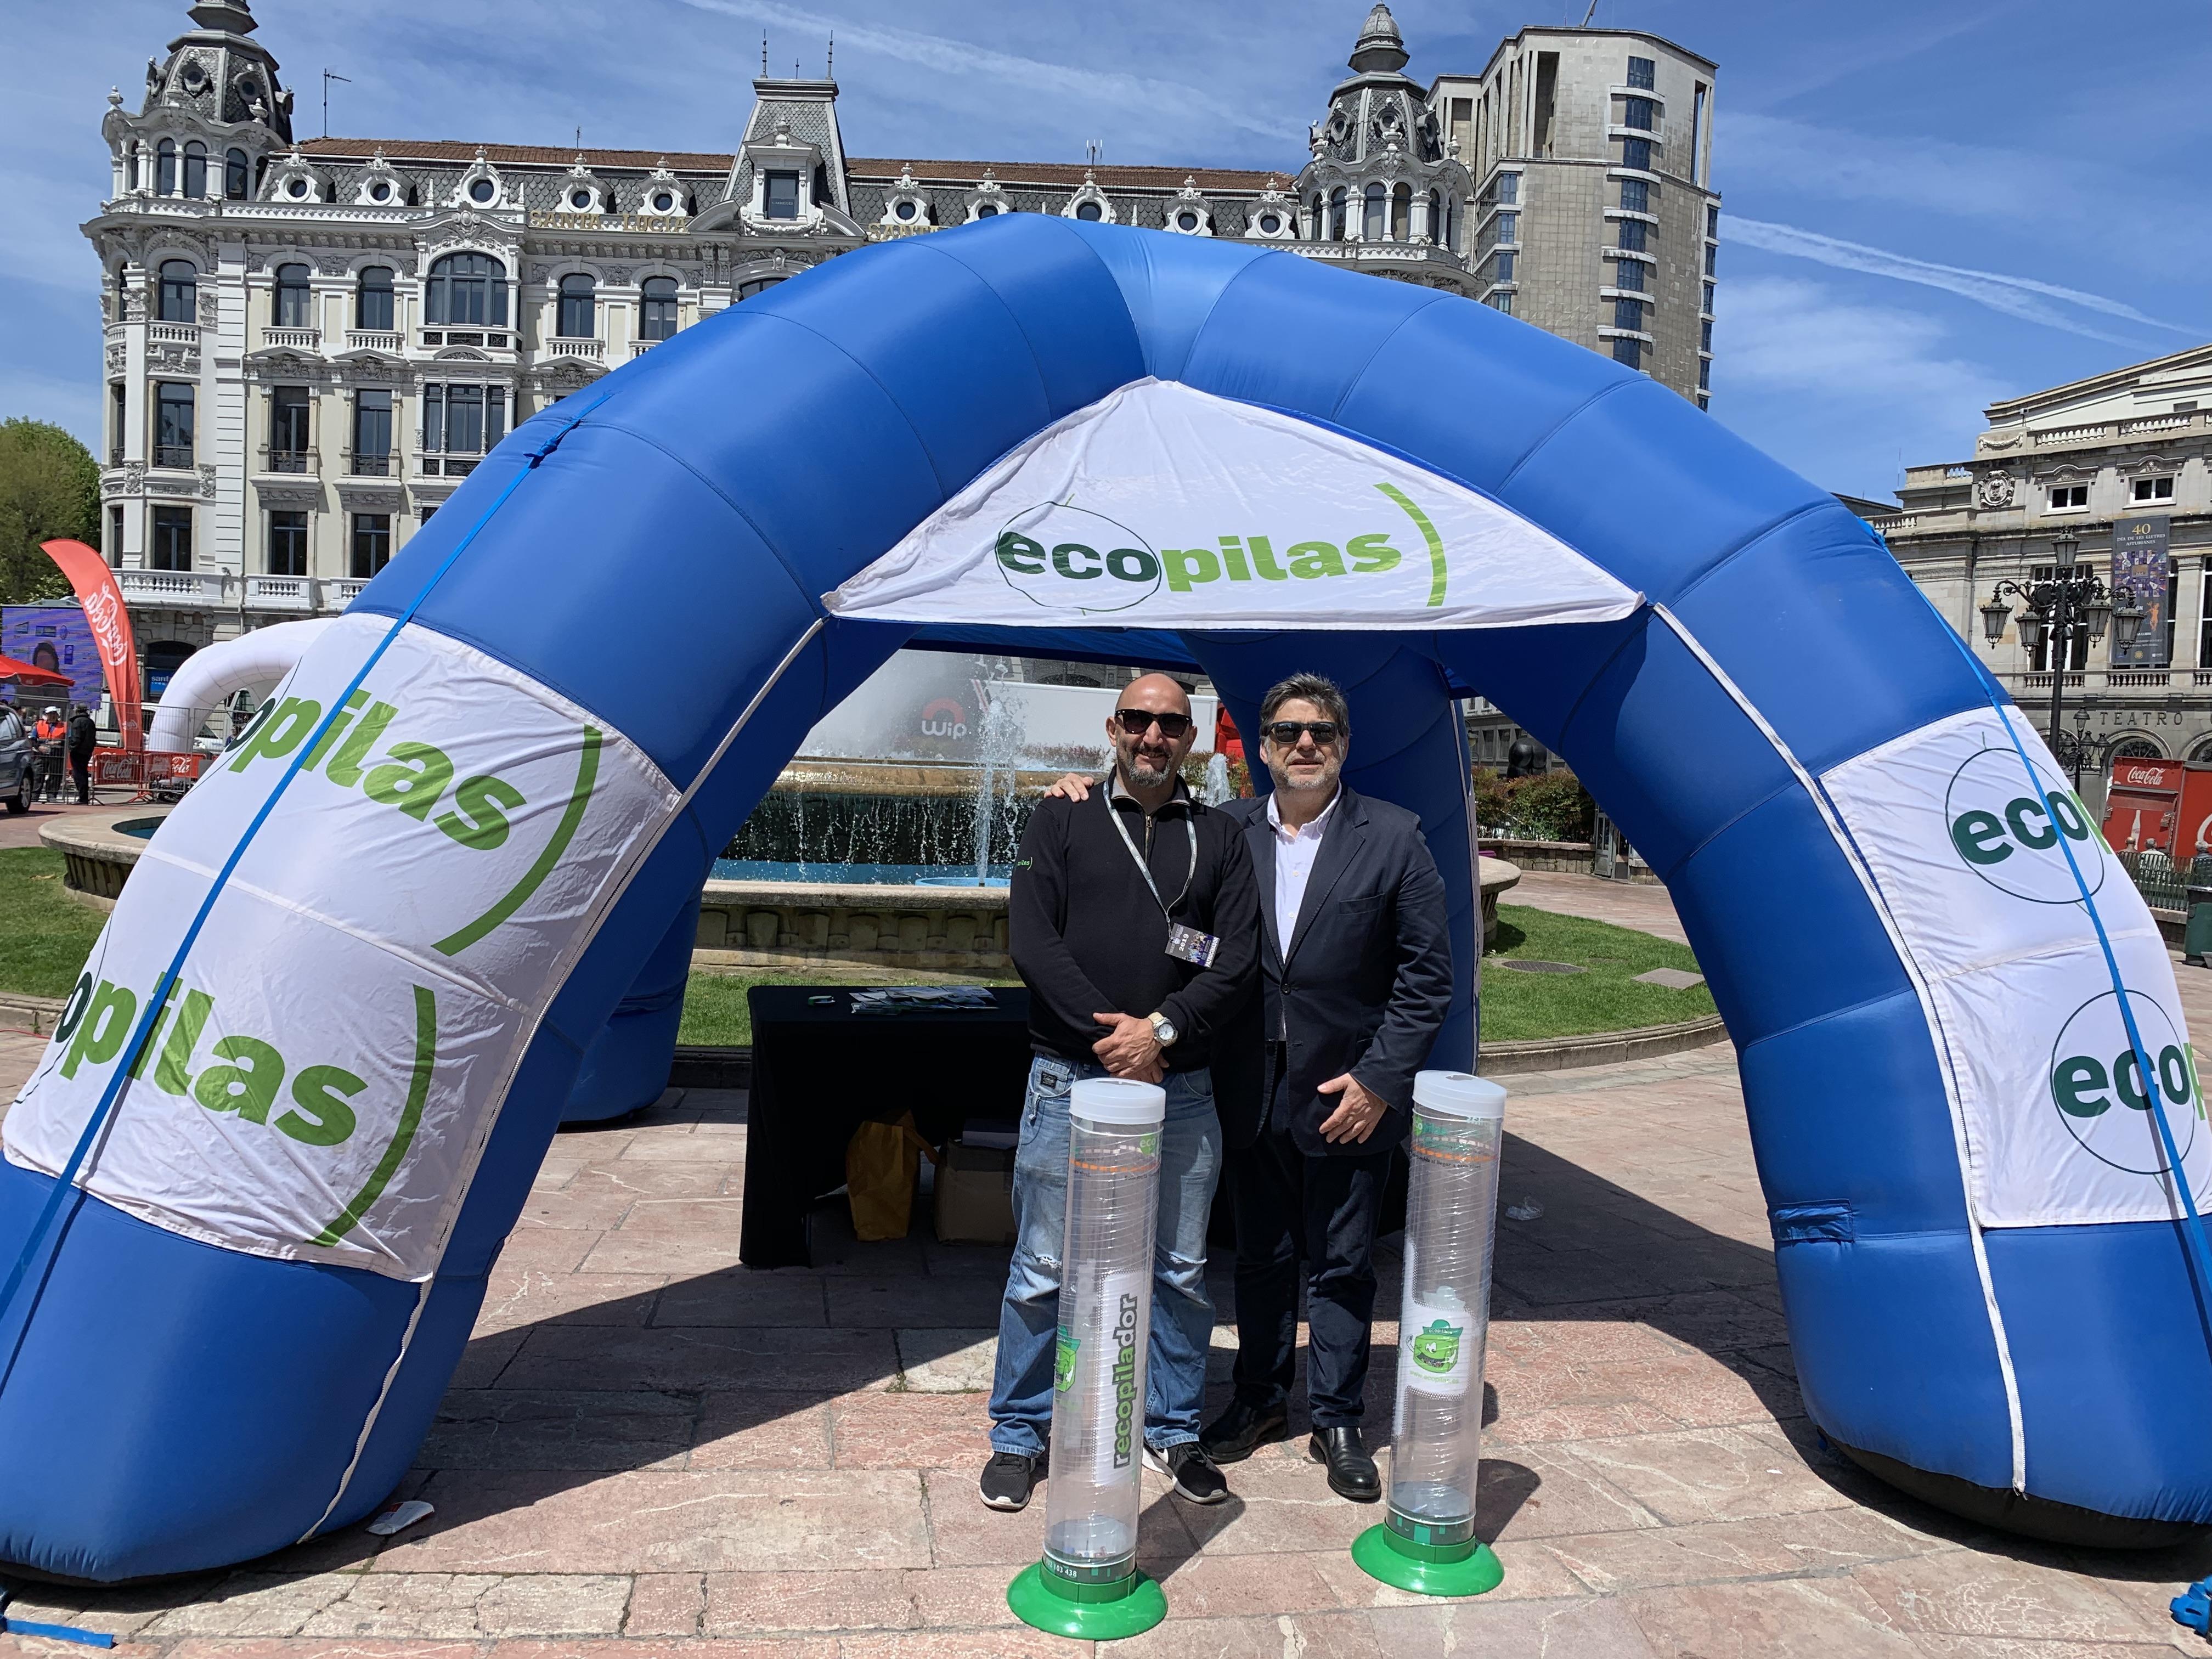 Ecopilas, en la Vuelta Ciclista a Asturias